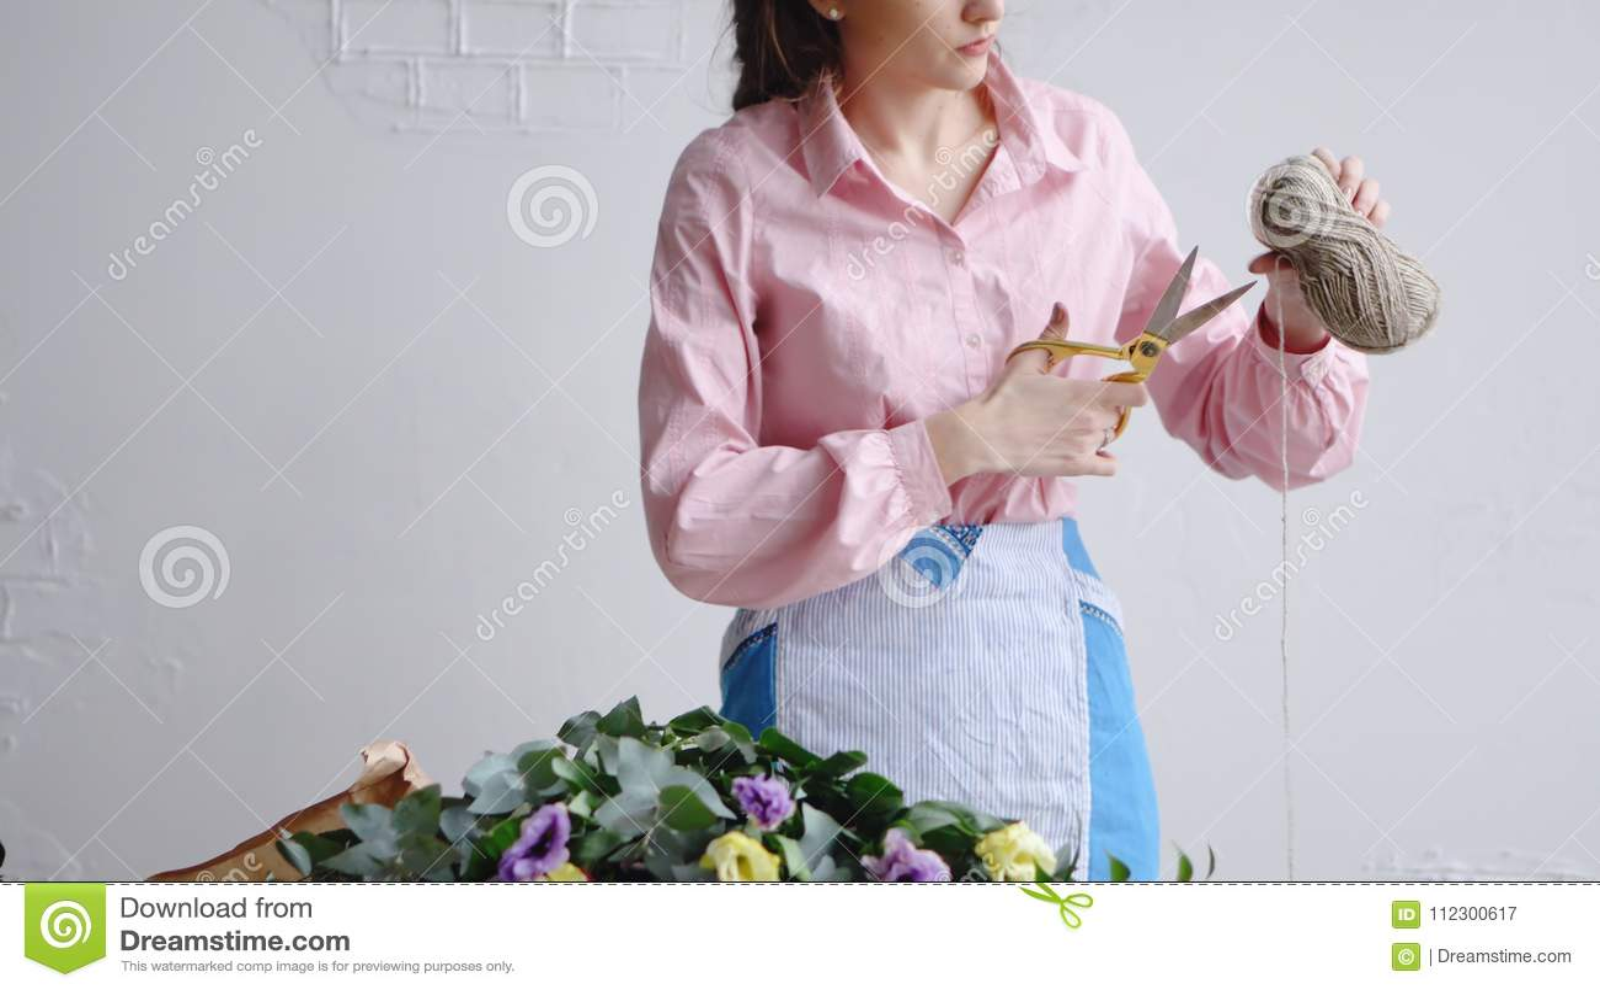 Вид спереди флориста режет поток с ножницами для того чтобы аранжировать букет